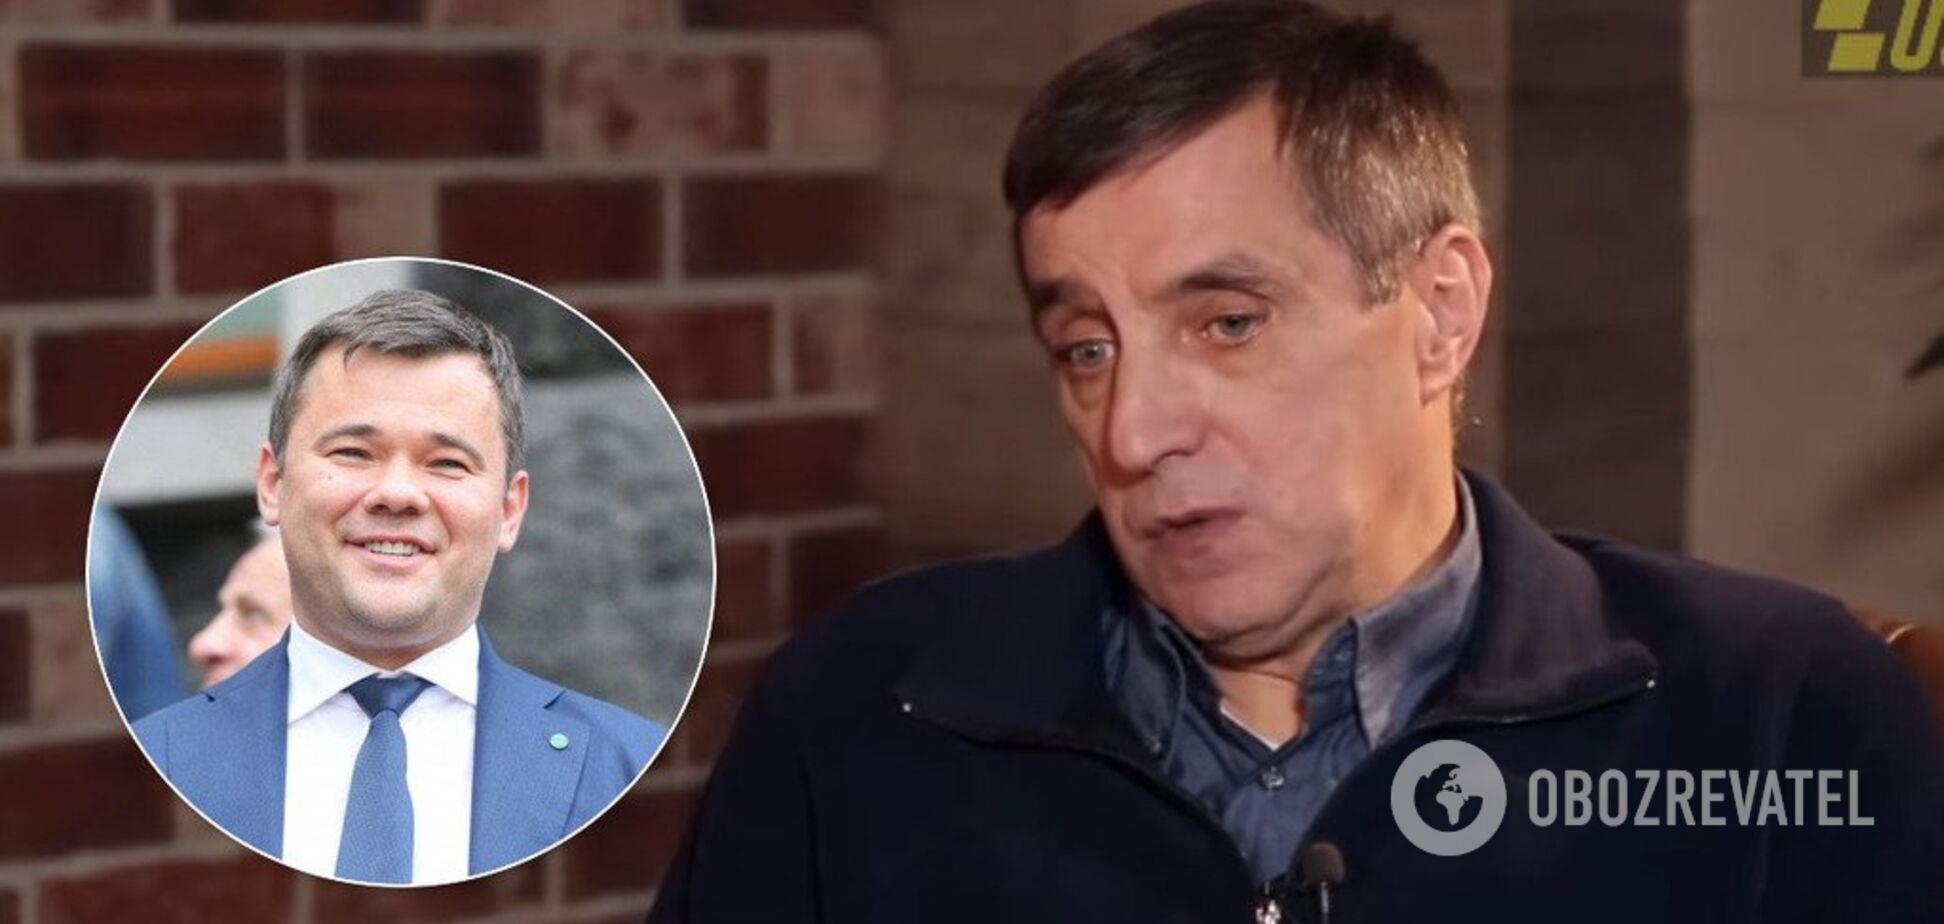 'Люди гибнут на фронте': знаменитый тренер возмутился украинской властью